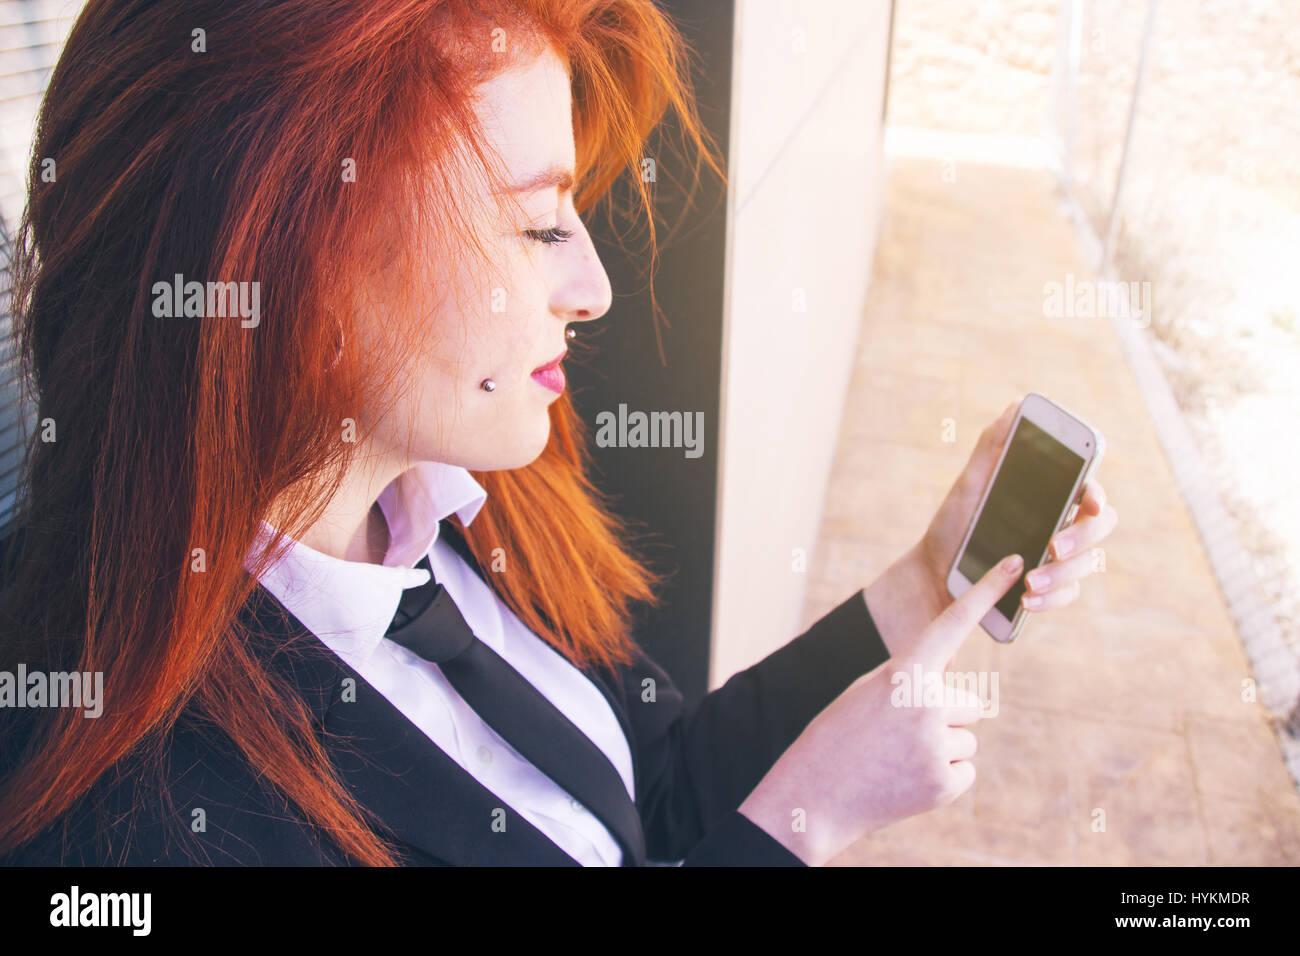 Junge rothaarige Geschäftsfrau mit ihrem smartphone Stockbild